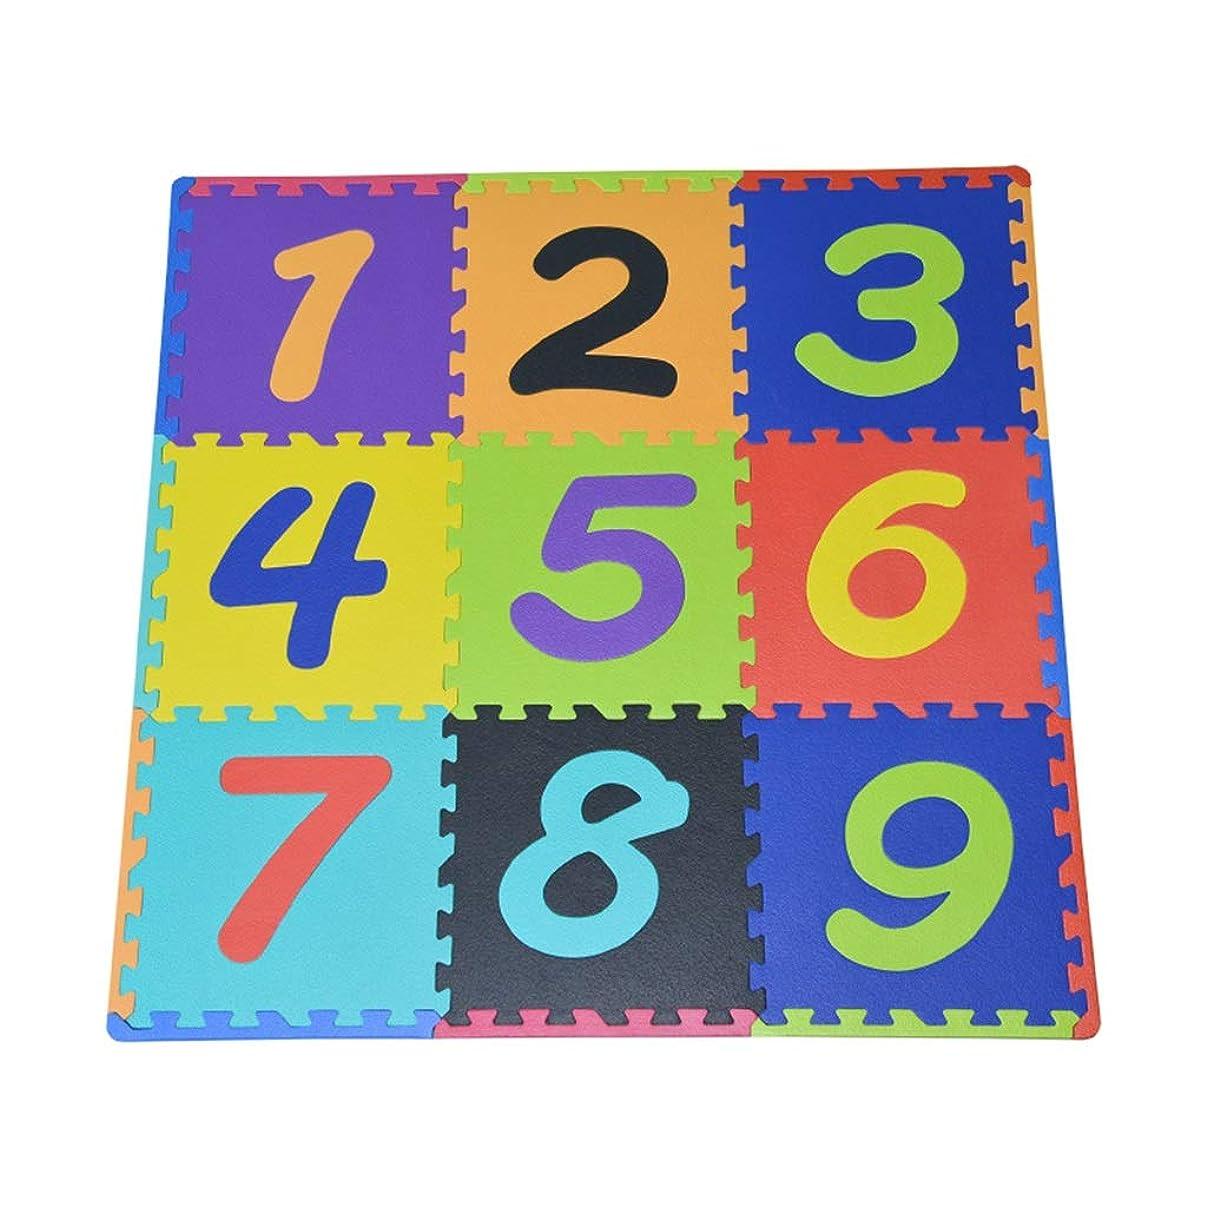 クルー取り戻す抜本的な9ピース泡遊びマット大サイズ連動赤ちゃん泡マット用赤ちゃん遊ぶソフトナンバーパズルプレイマットジグソーパズル(0-9)30×30×1.4センチ DITAN (Color : A)